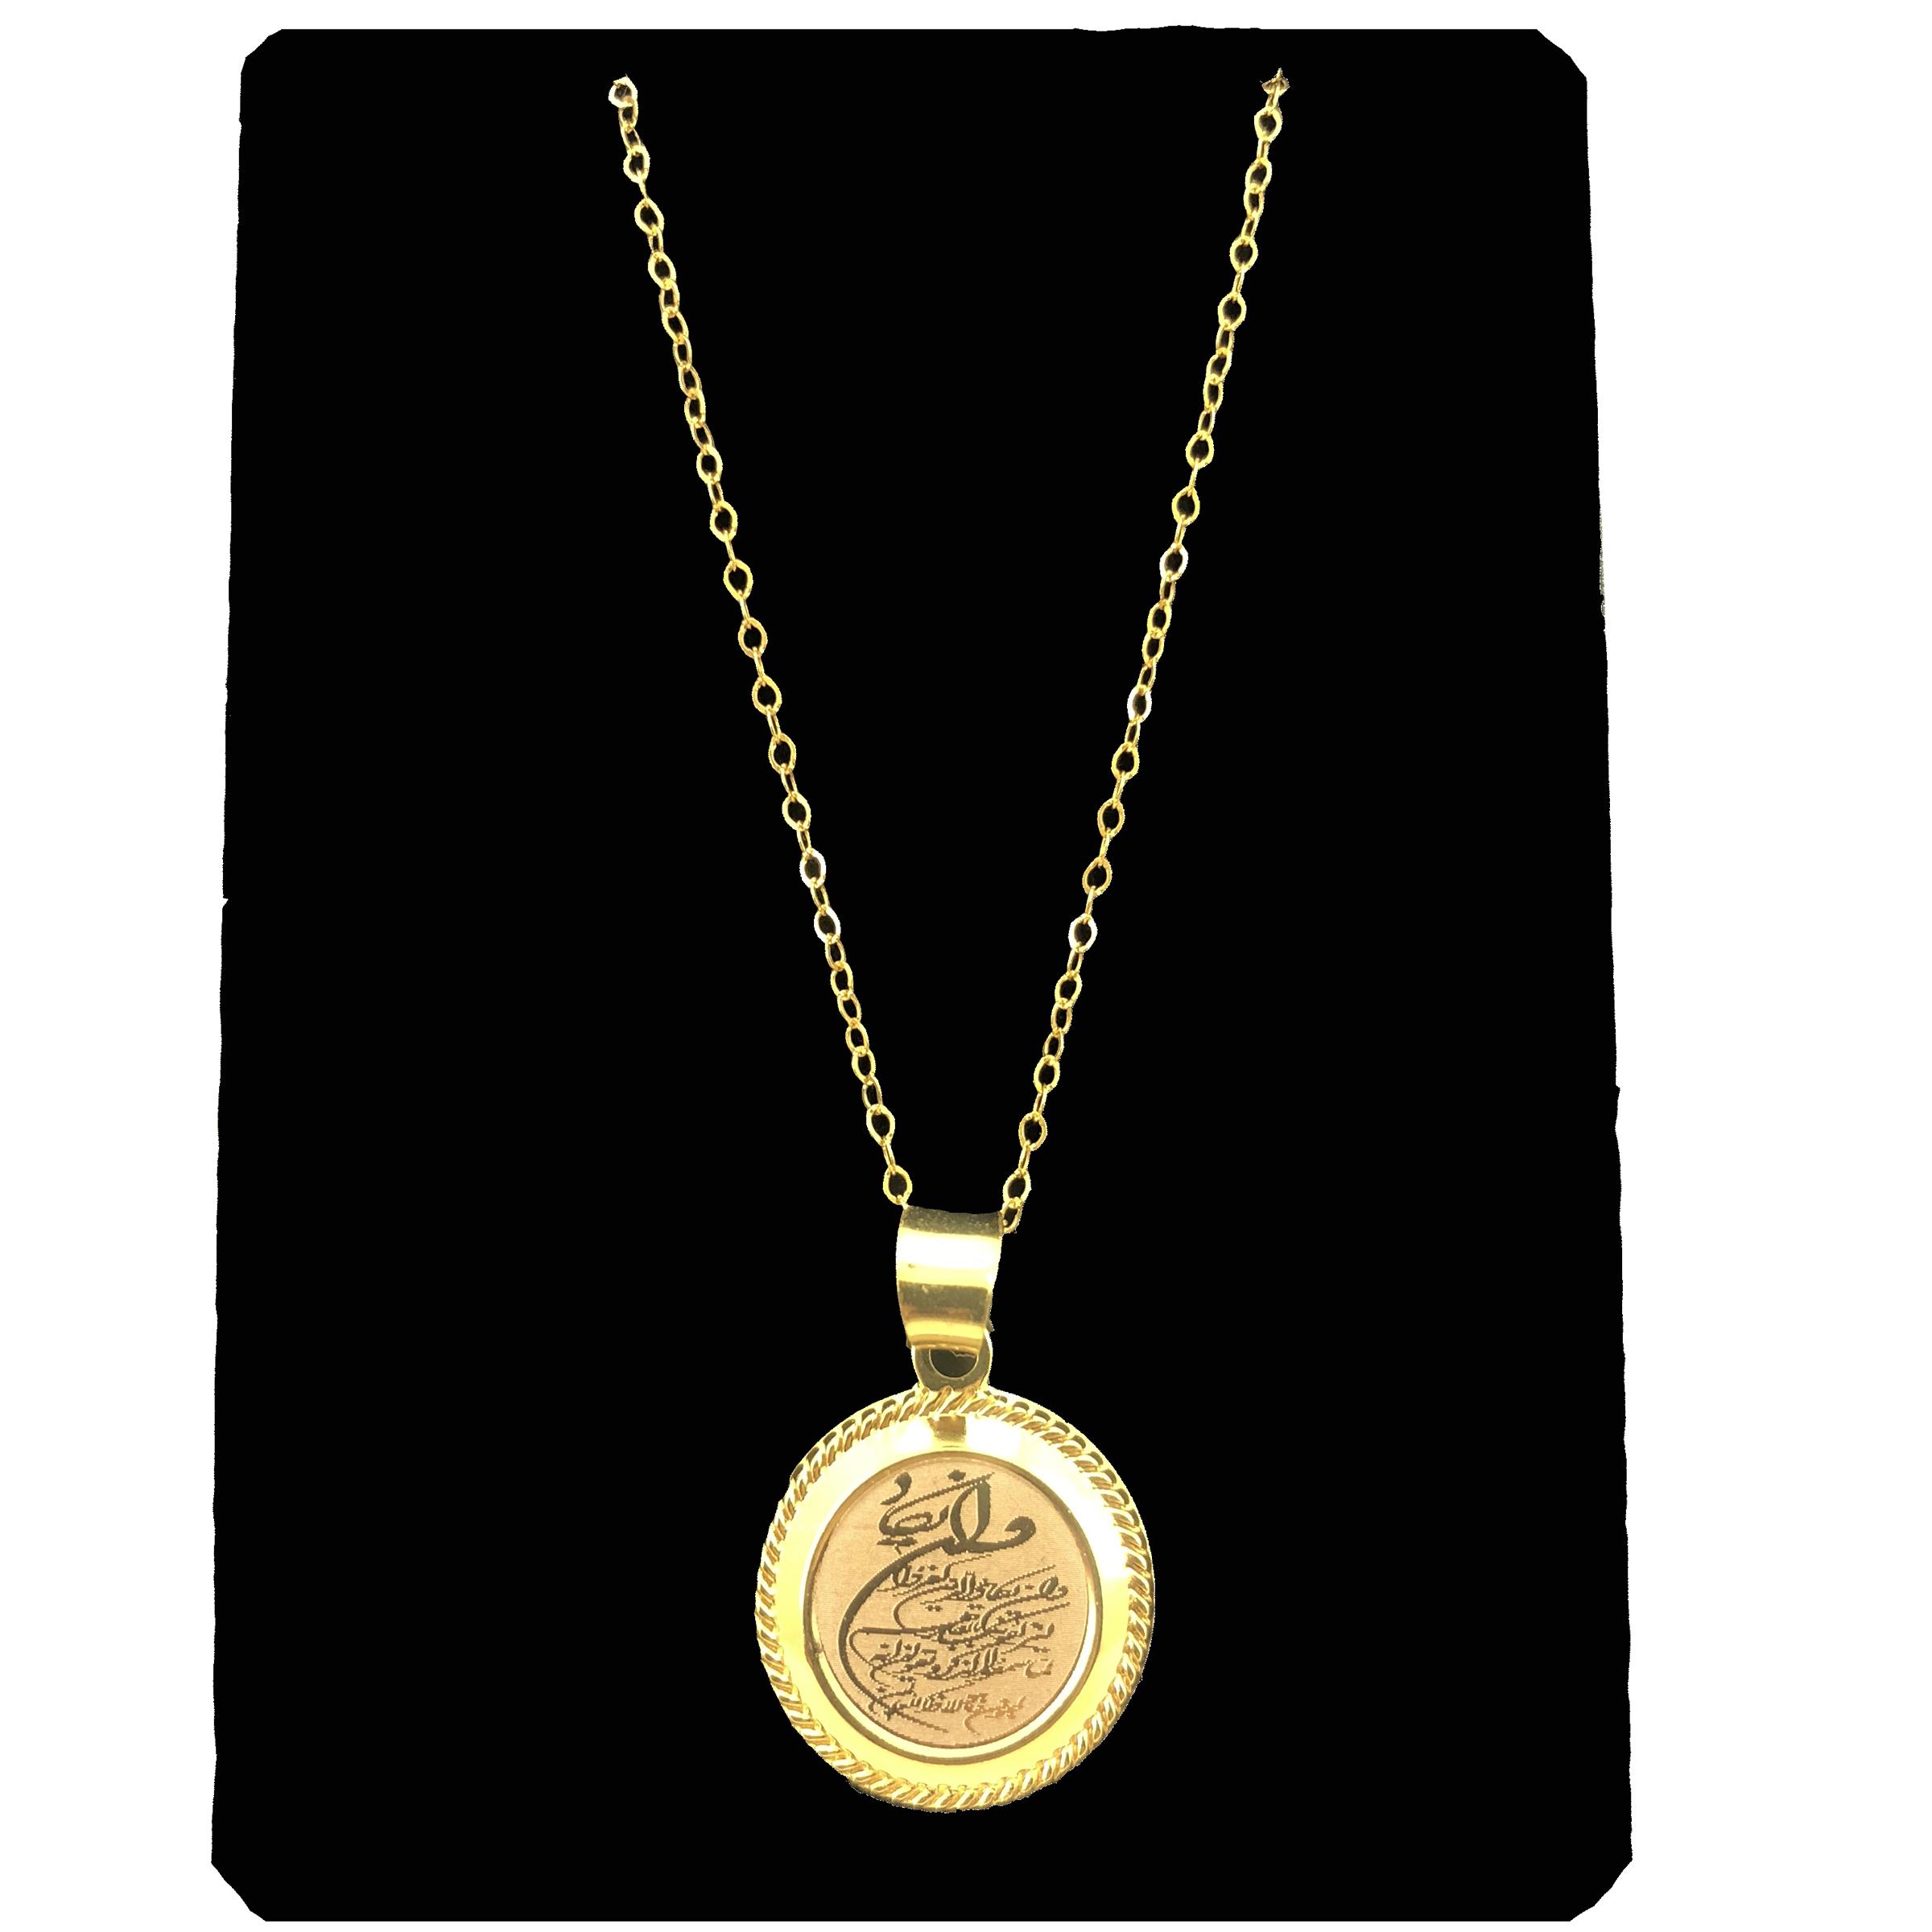 قیمت گردنبند طلا 18 عیار گیرا گالری طرح وان یکاد